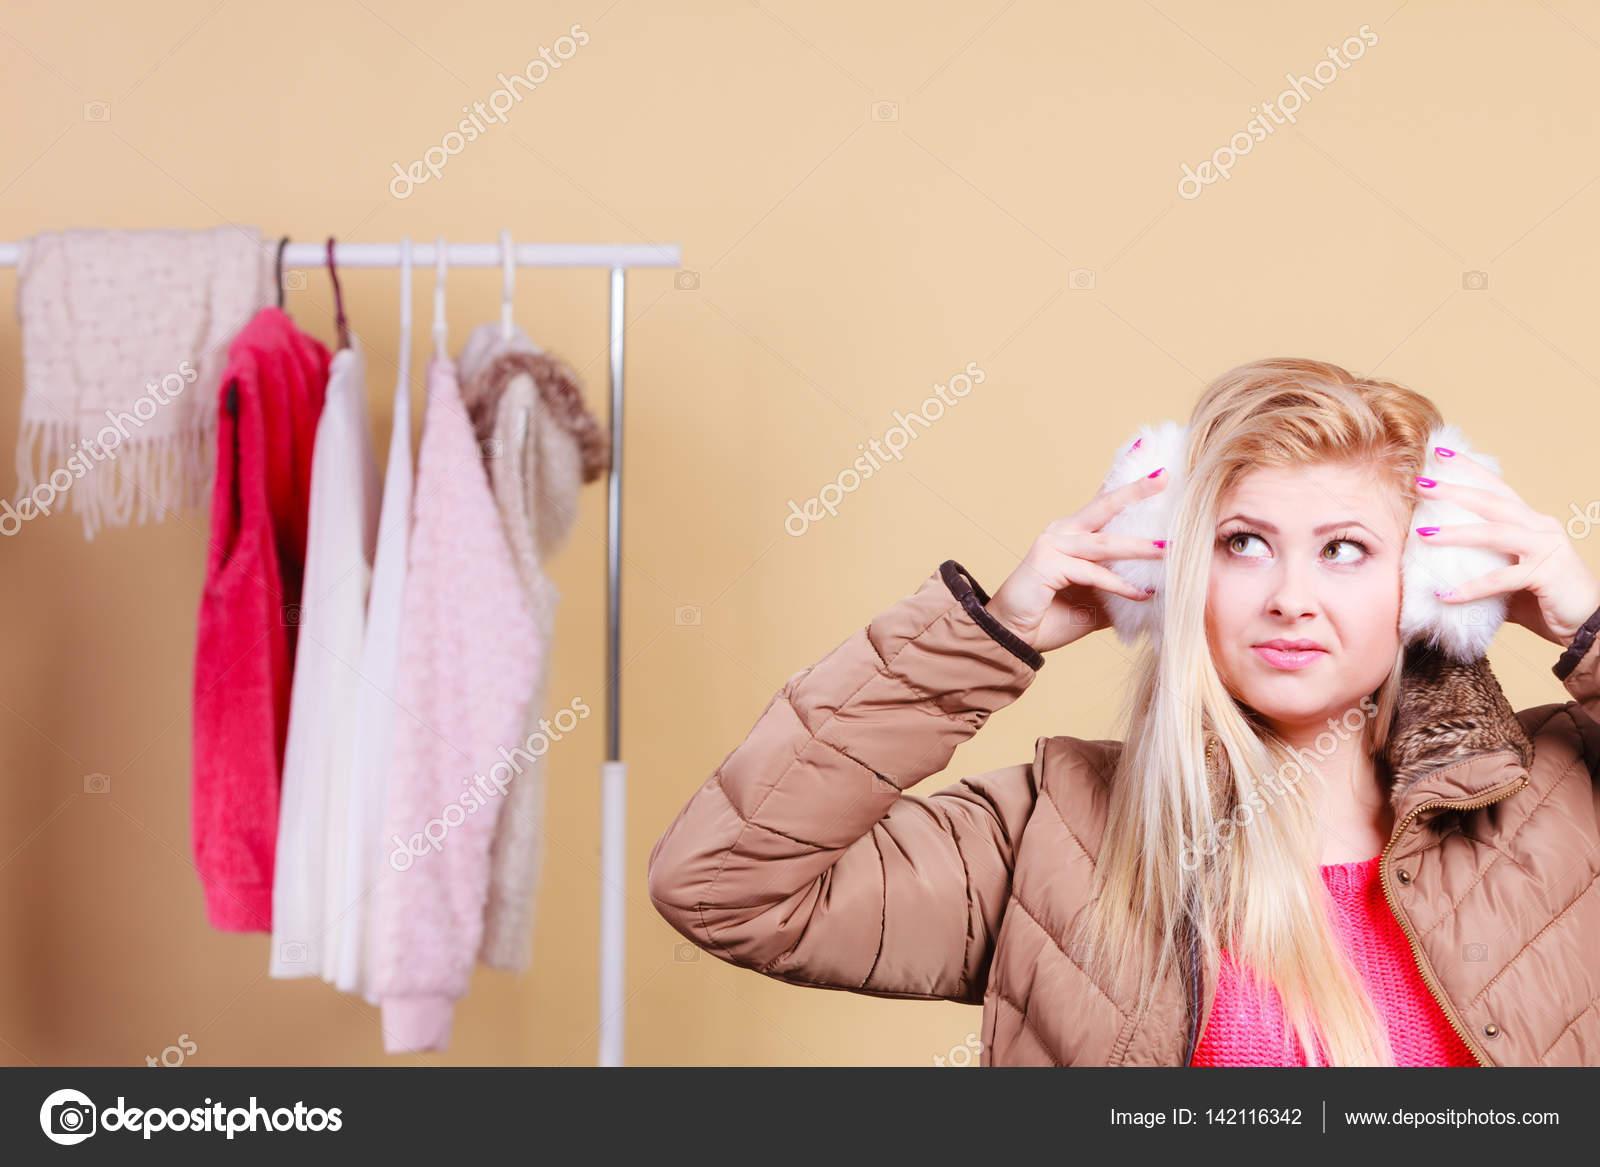 Femme blonde en coquilles chaudes d hiver photographie - Femme blonde photo ...